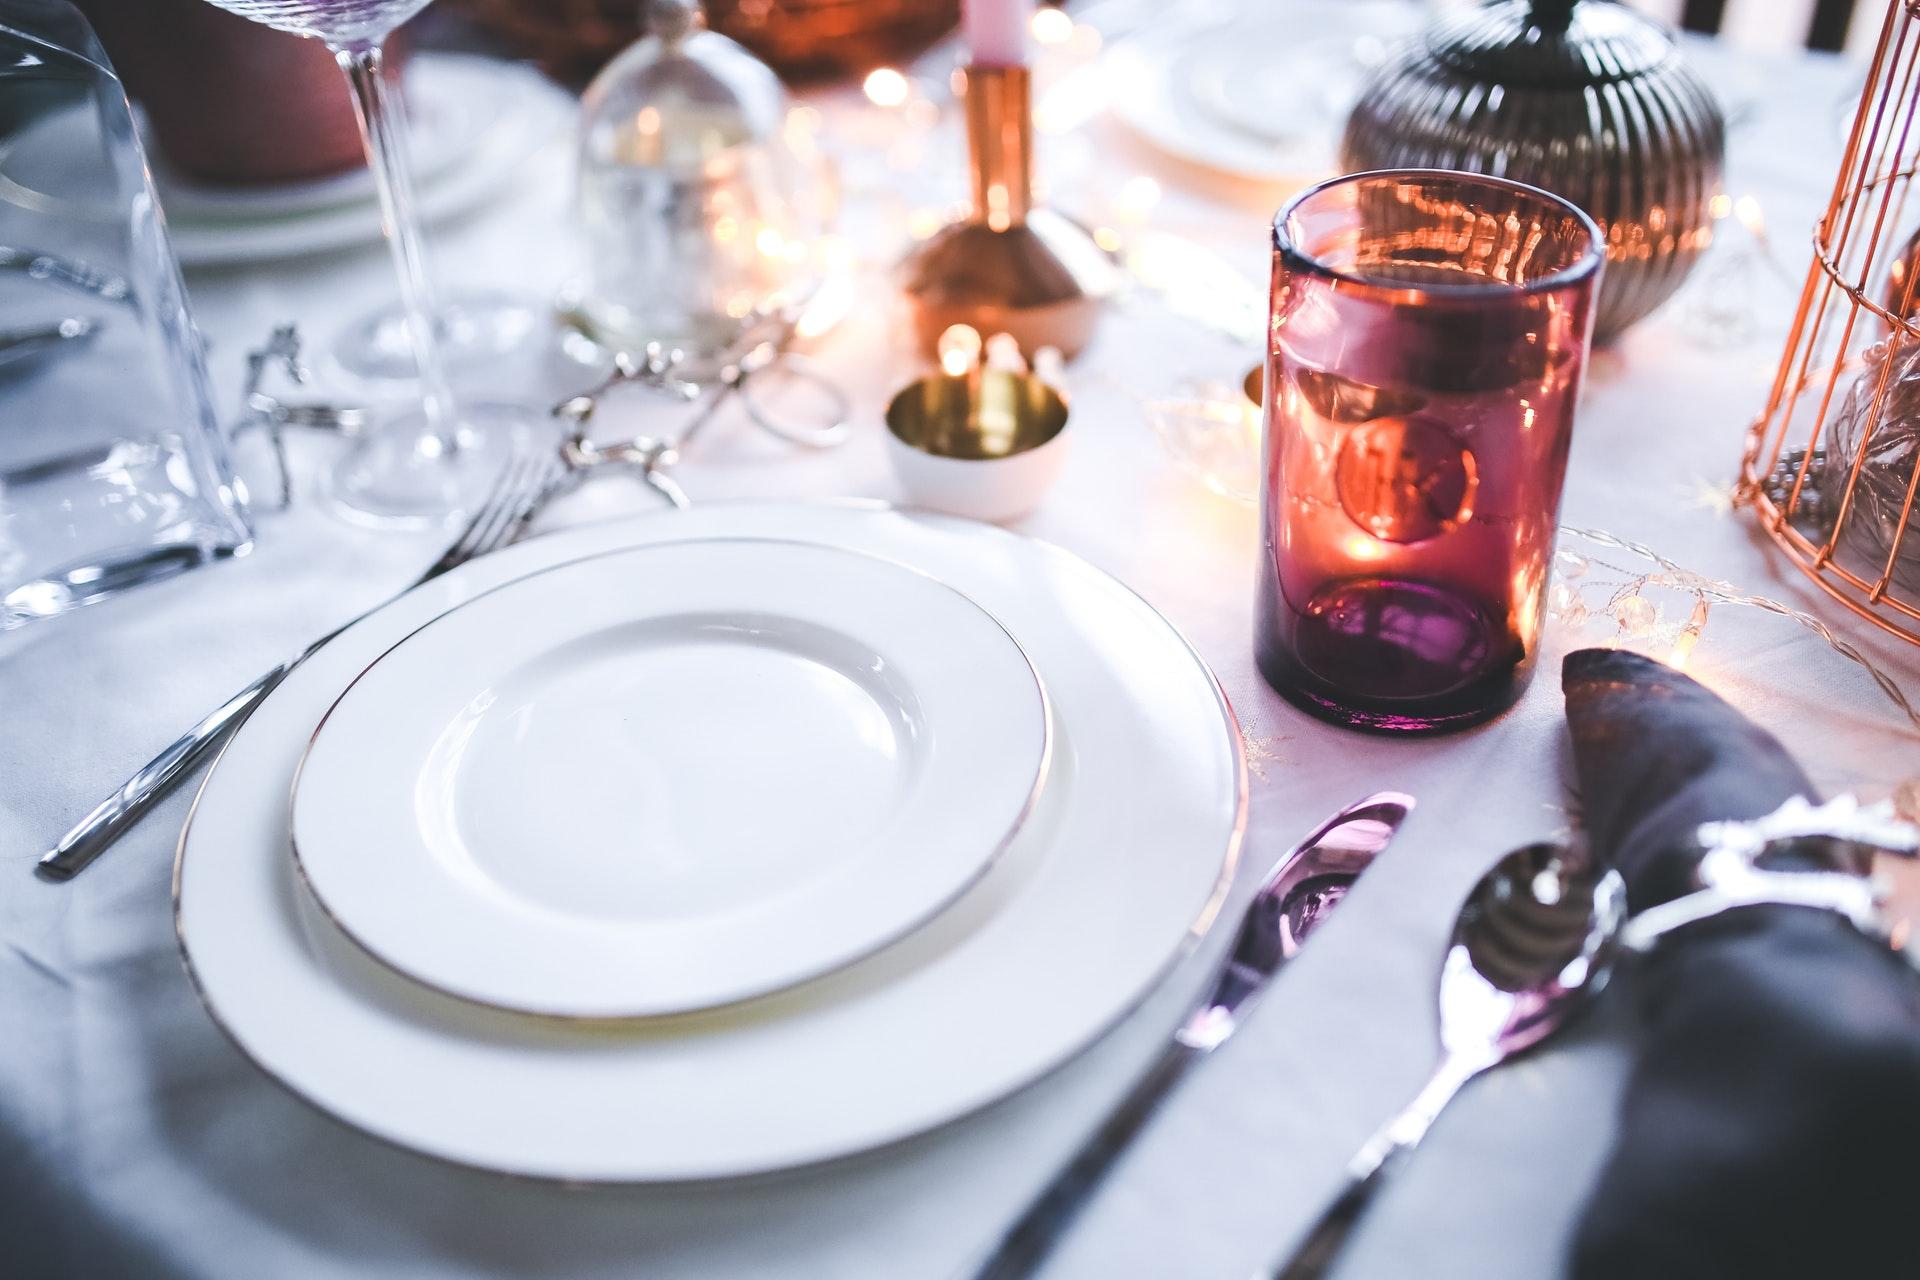 mad, middag, spis, spise, gæster, bord, opdækning